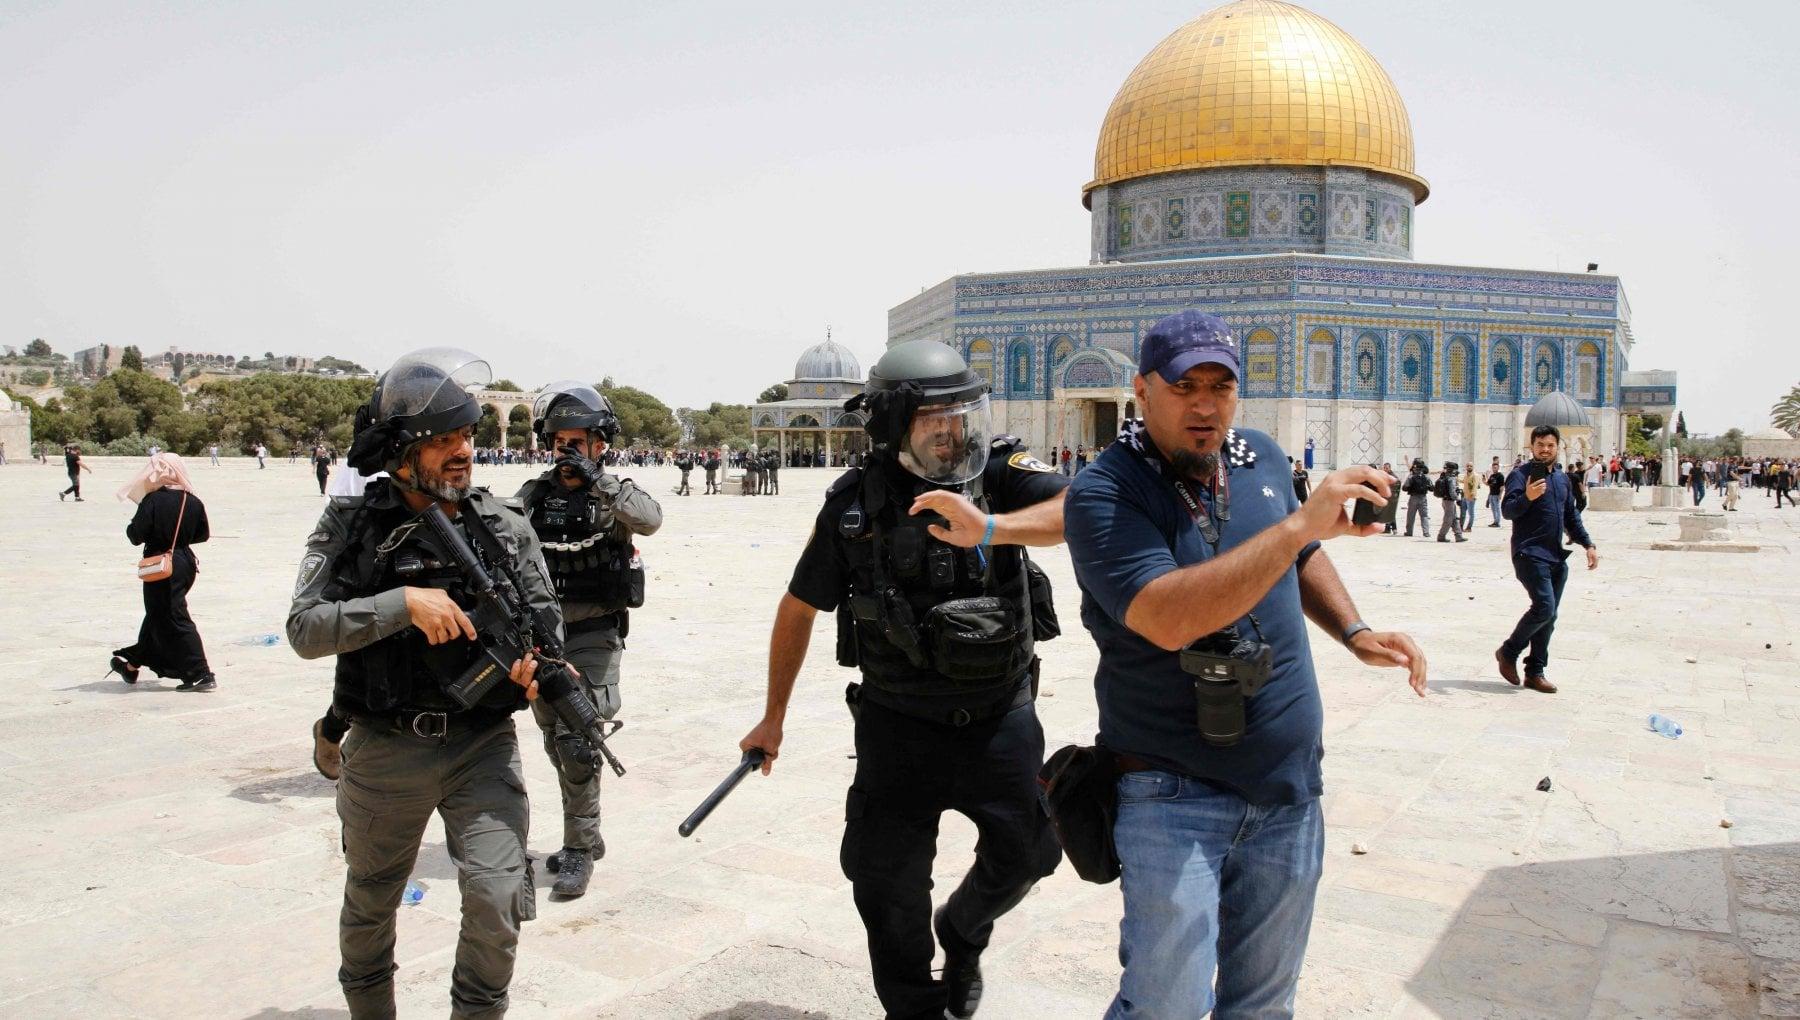 """214723559 3a7ca606 a88c 43b5 adf7 d11d9d3e7f03 - Cacciato il Muftì di Gerusalemme: """"Troppo vicino ad Abu Mazen"""""""